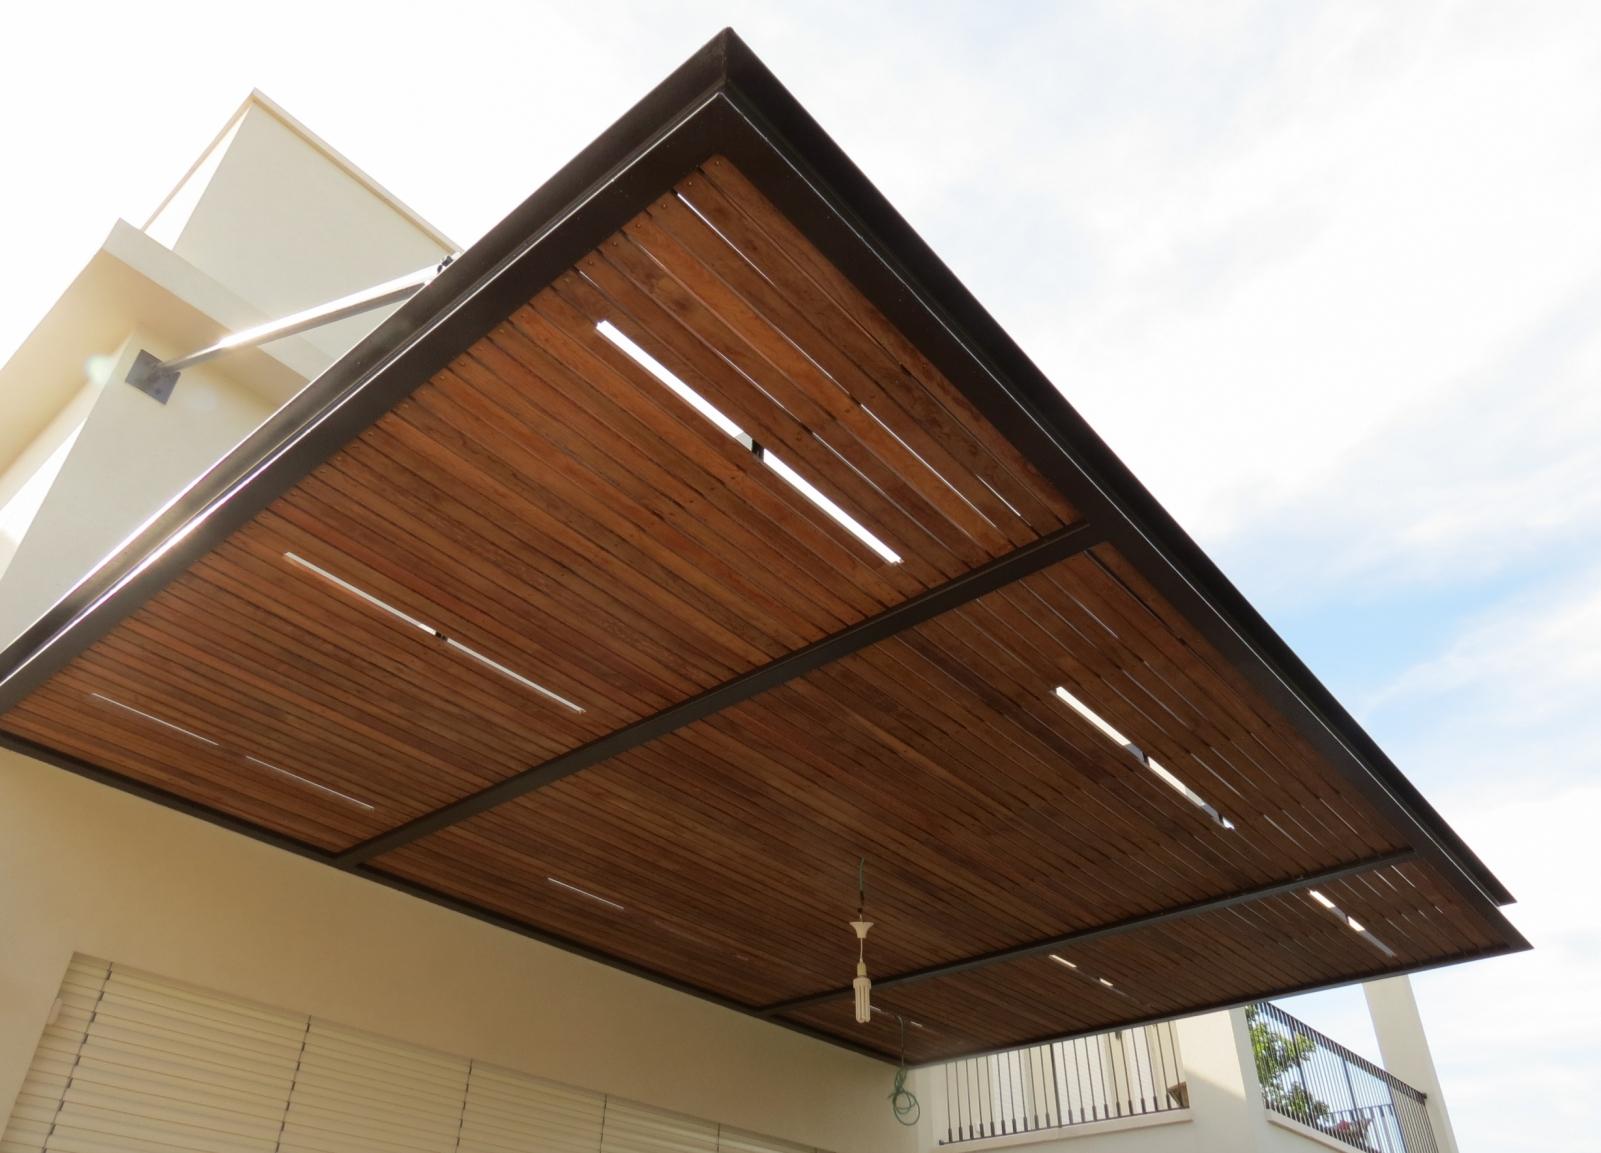 פרגולה מעוצבת מתכת עץ מלא איפאה